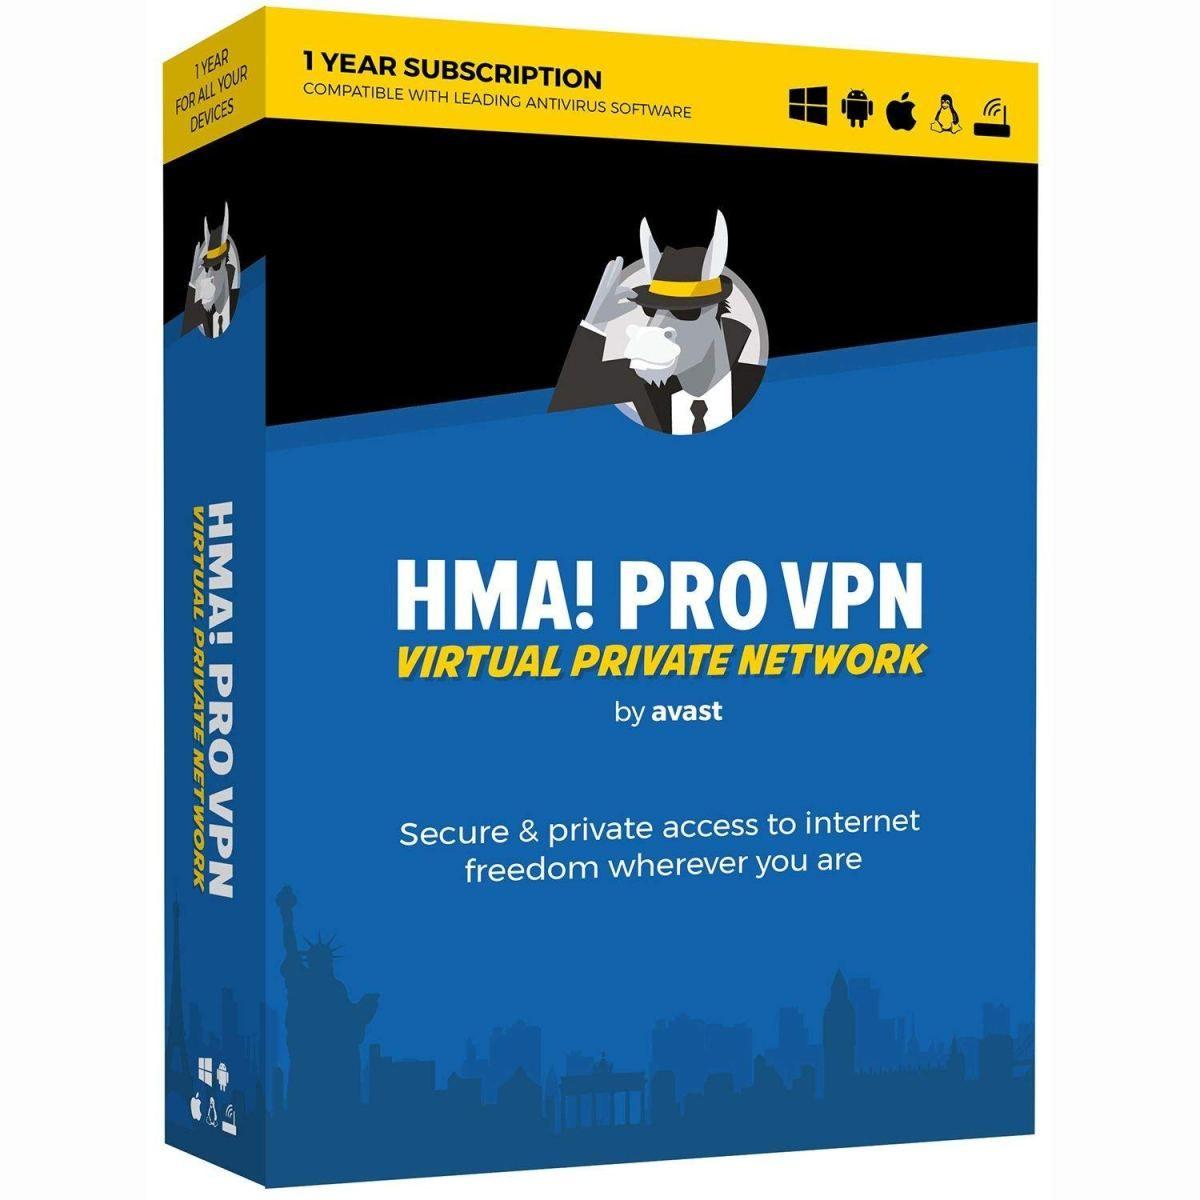 935b07f1b5a798d5ee660d391bcfb0d3 - Hidemyass Pro Vpn With Licence Keygen